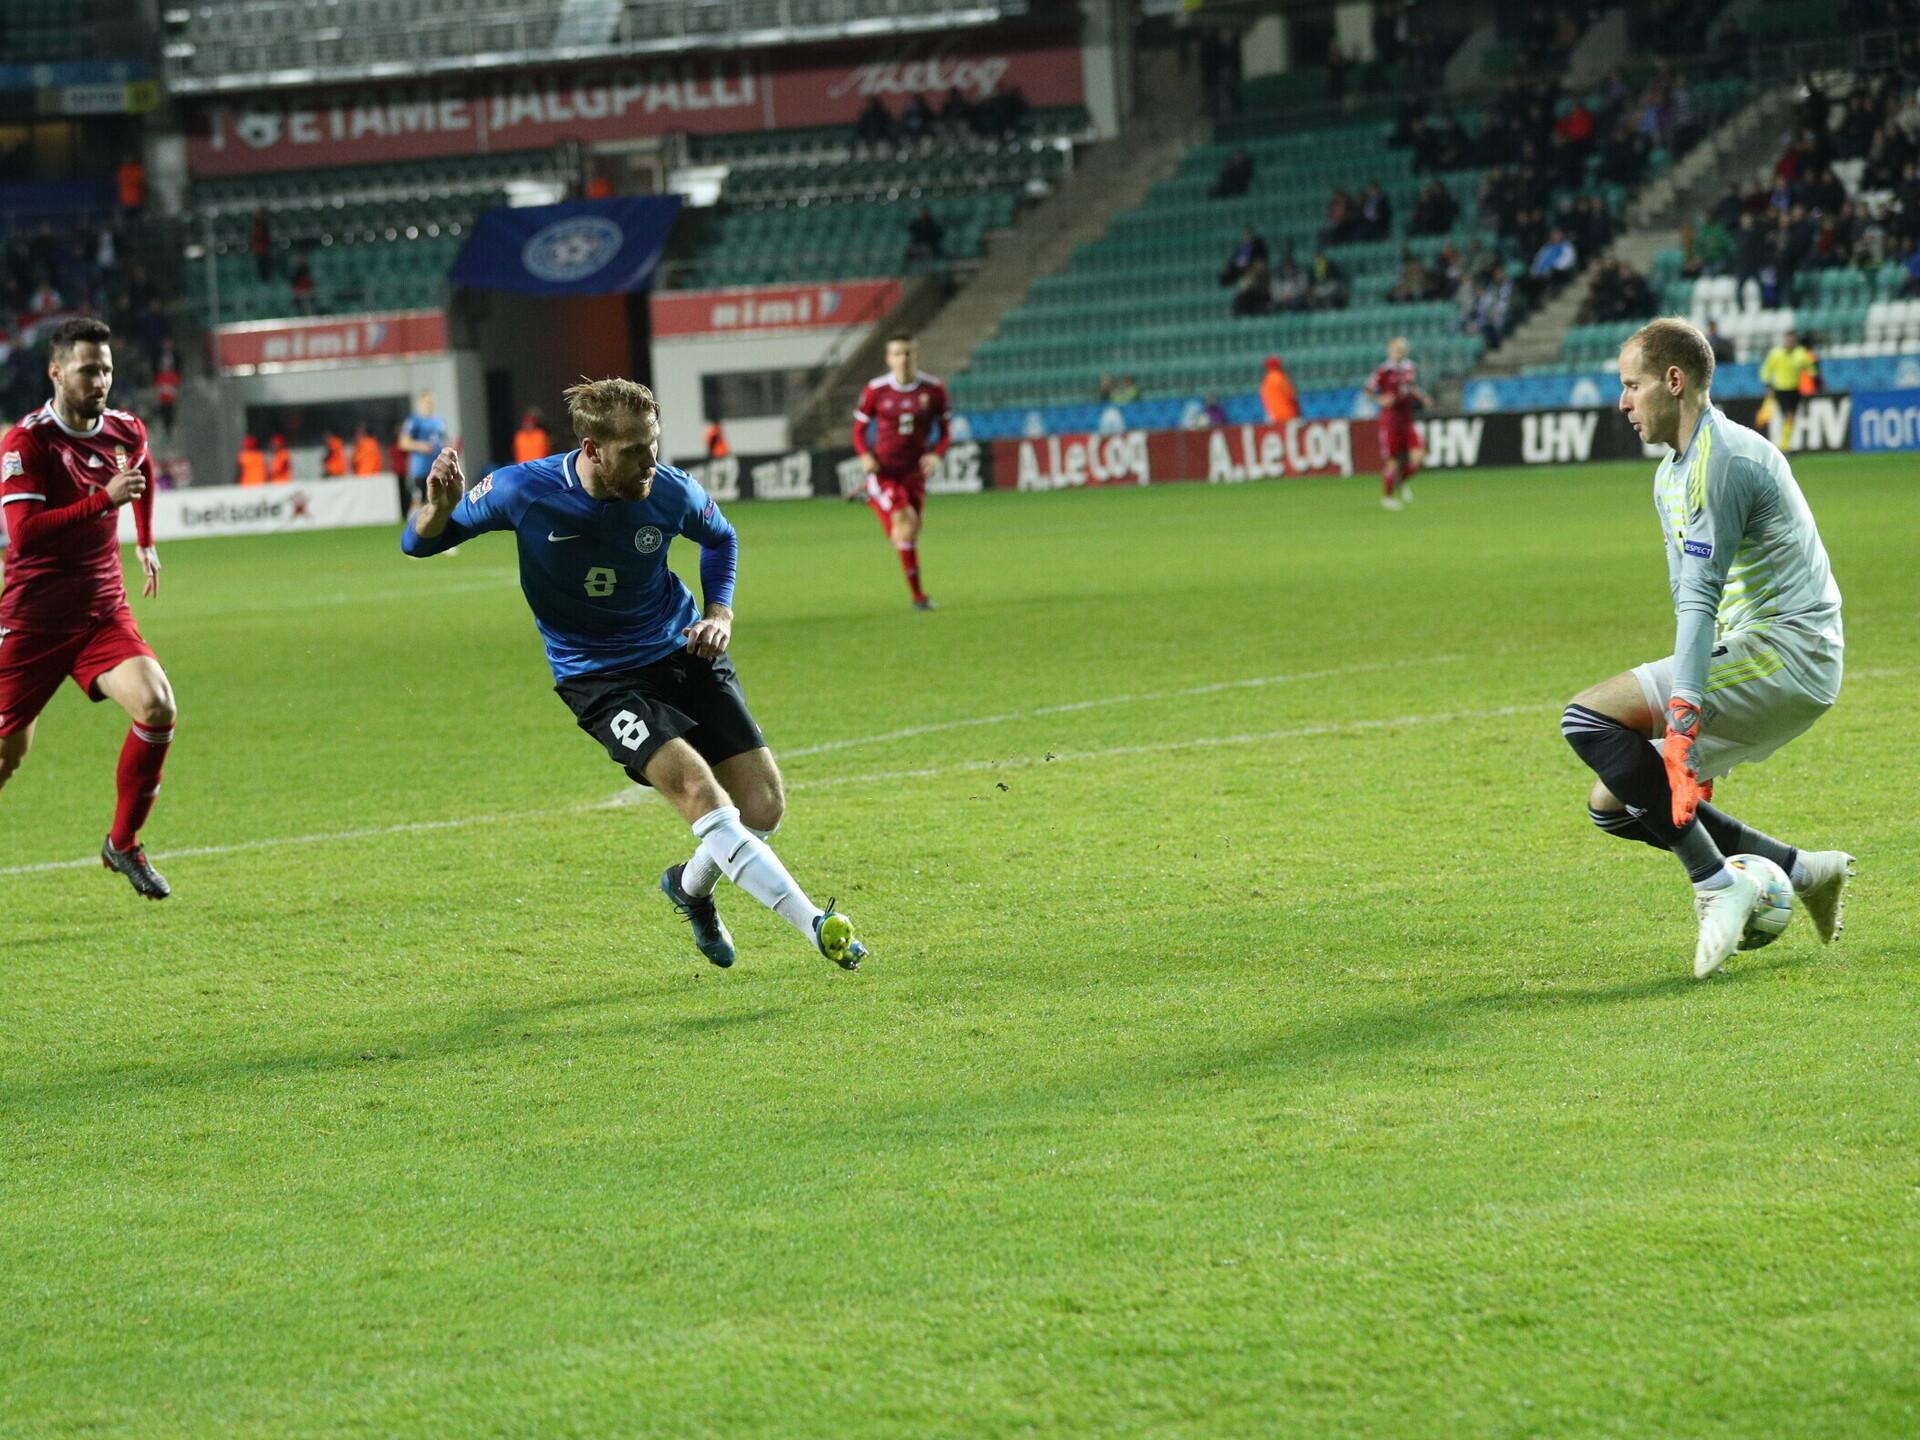 eb99639d3a2 VIDEO & FOTOD | Eesti lõi kolm väravat, aga jäi kolme punktita | Jalgpalli  Eesti koondis | ERR